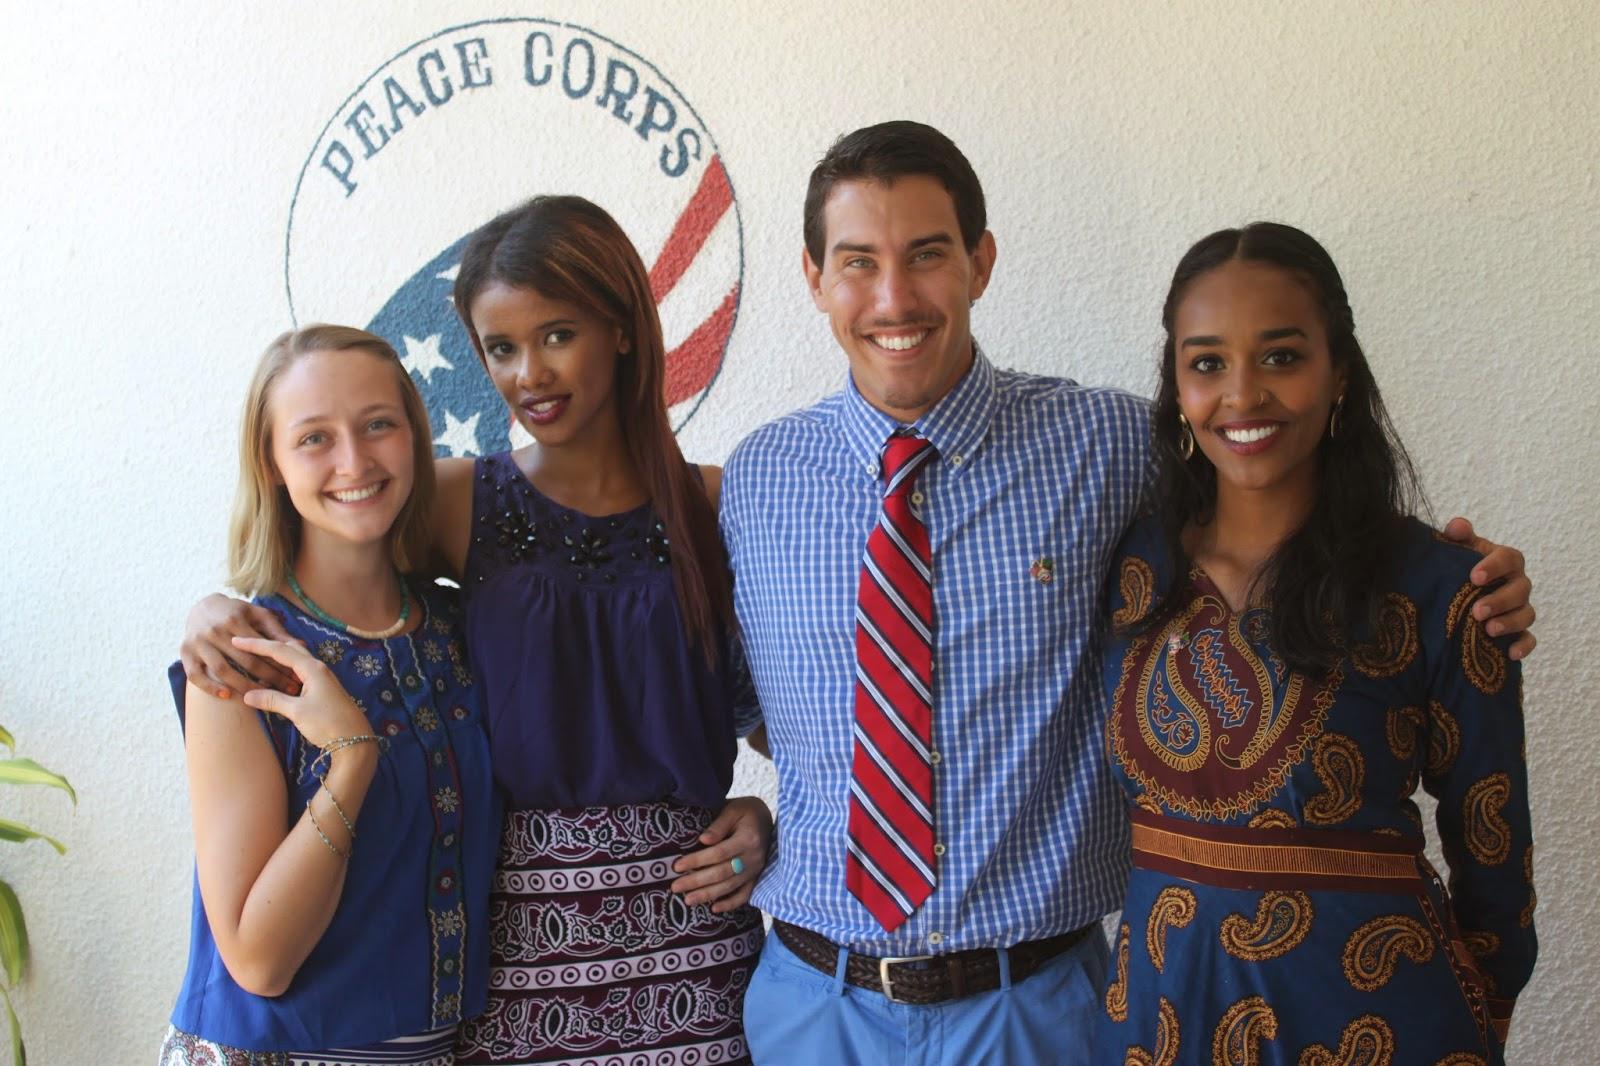 Abir Ibrahim Peace Corps